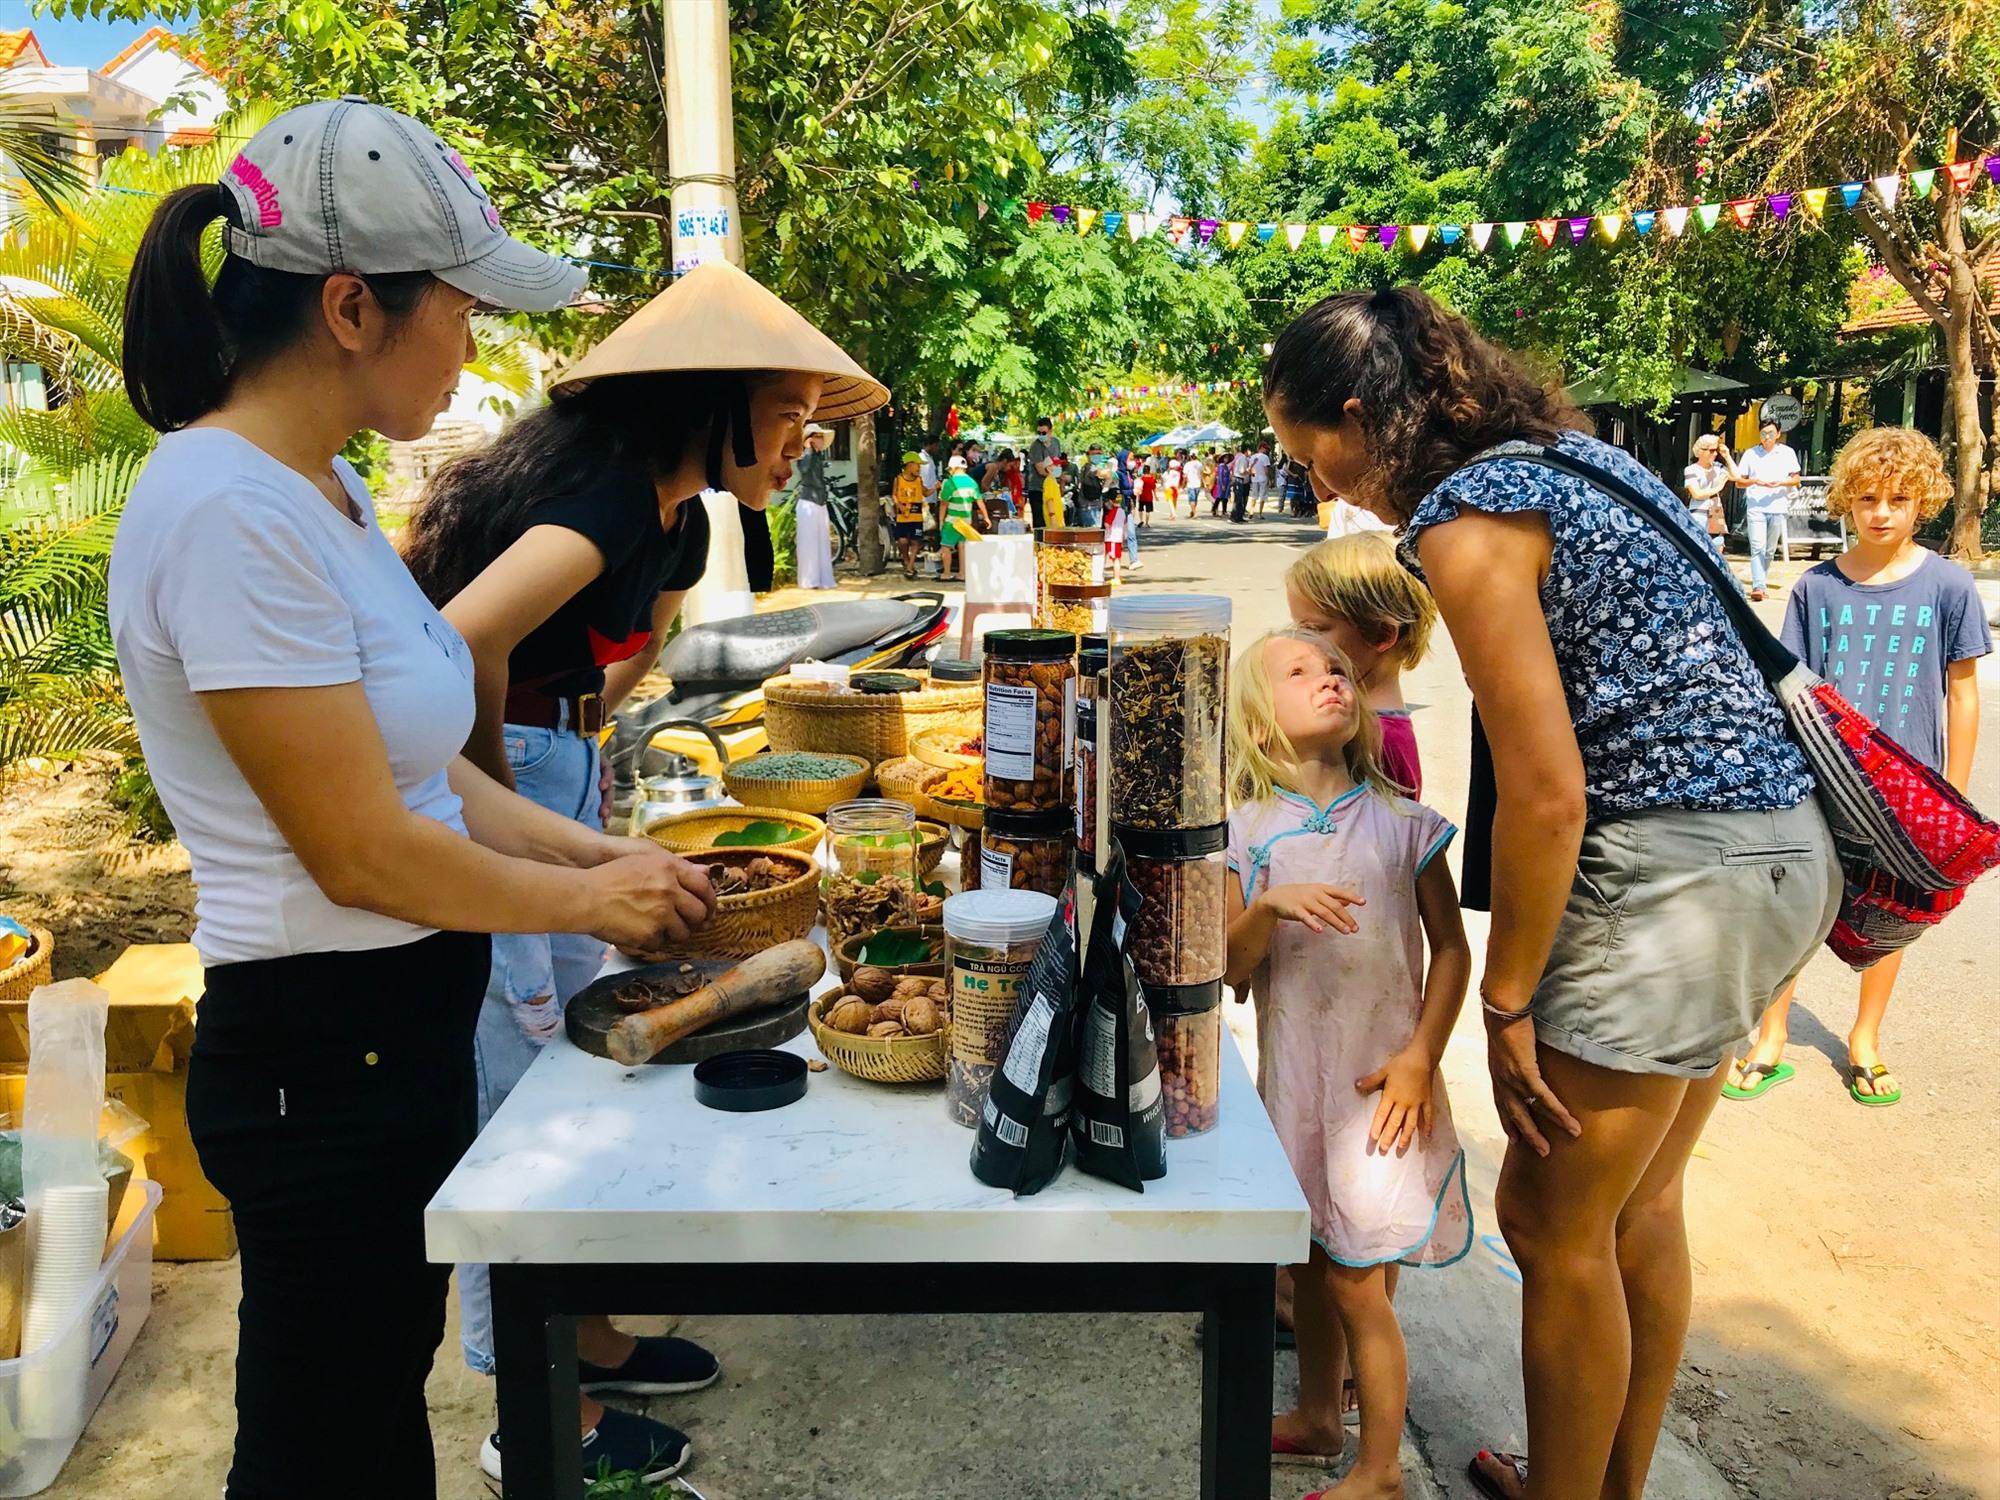 Sự gần gũi, độc đáo là yếu tố tạo ra sự hấp dẫn cho chợ phiên làng chài Tân Thành. Ảnh: Q.T